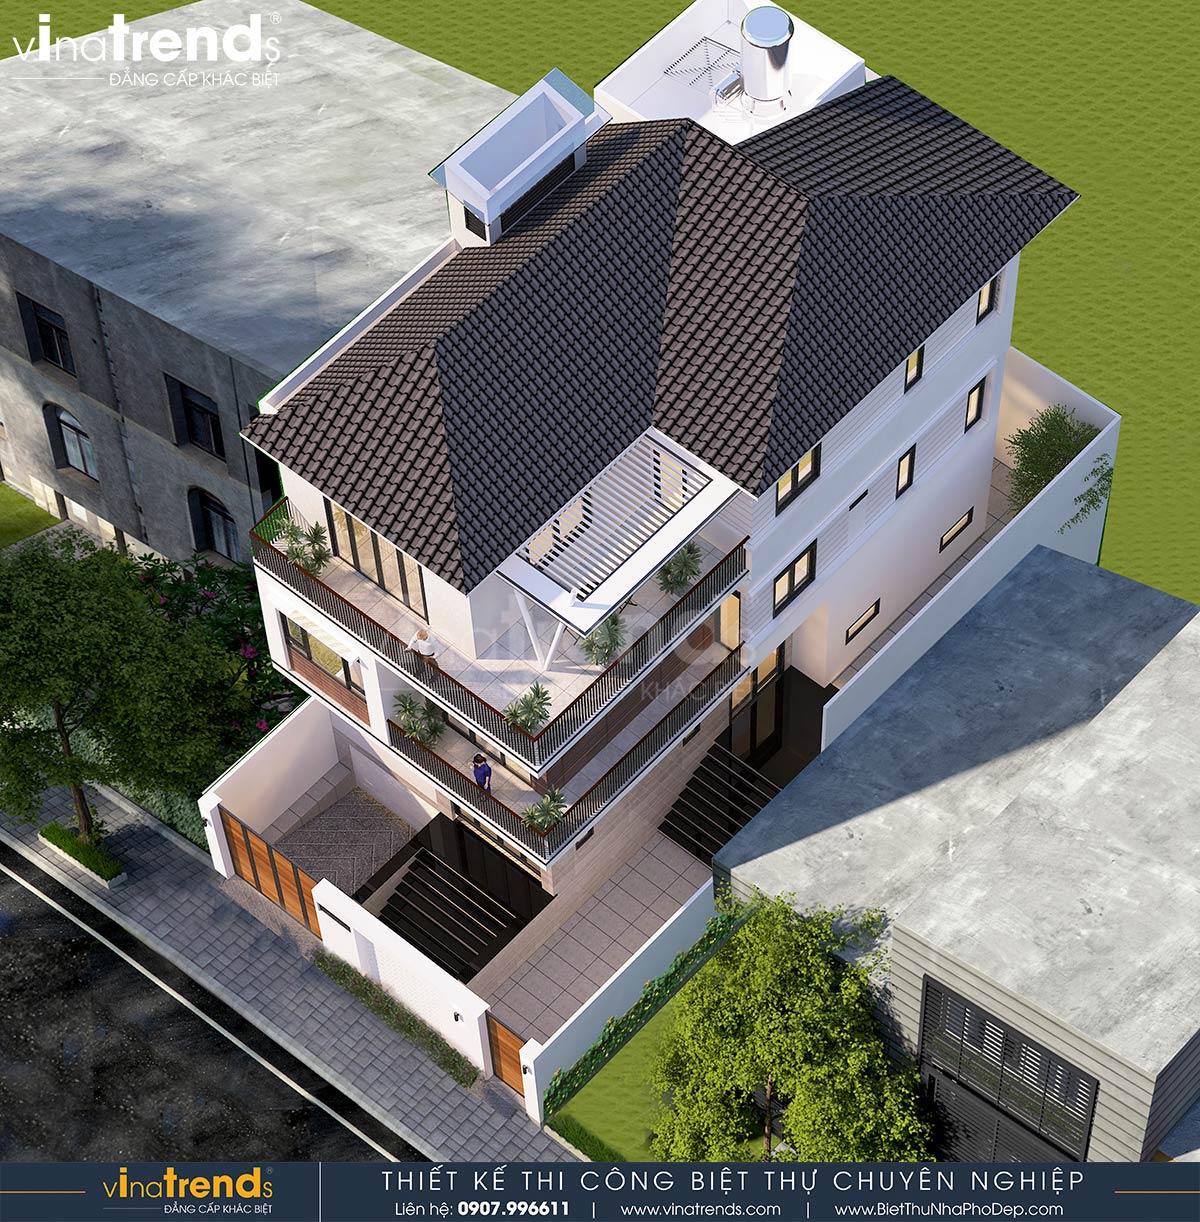 mau nha 3 tang hien dai co ham gara 8m dai 16m 6 Bản vẽ mẫu nhà biệt thự 3 tầng hiện đại 8x16m có hầm gara ô tô nhà anh Giang ở Hồ Chí Minh